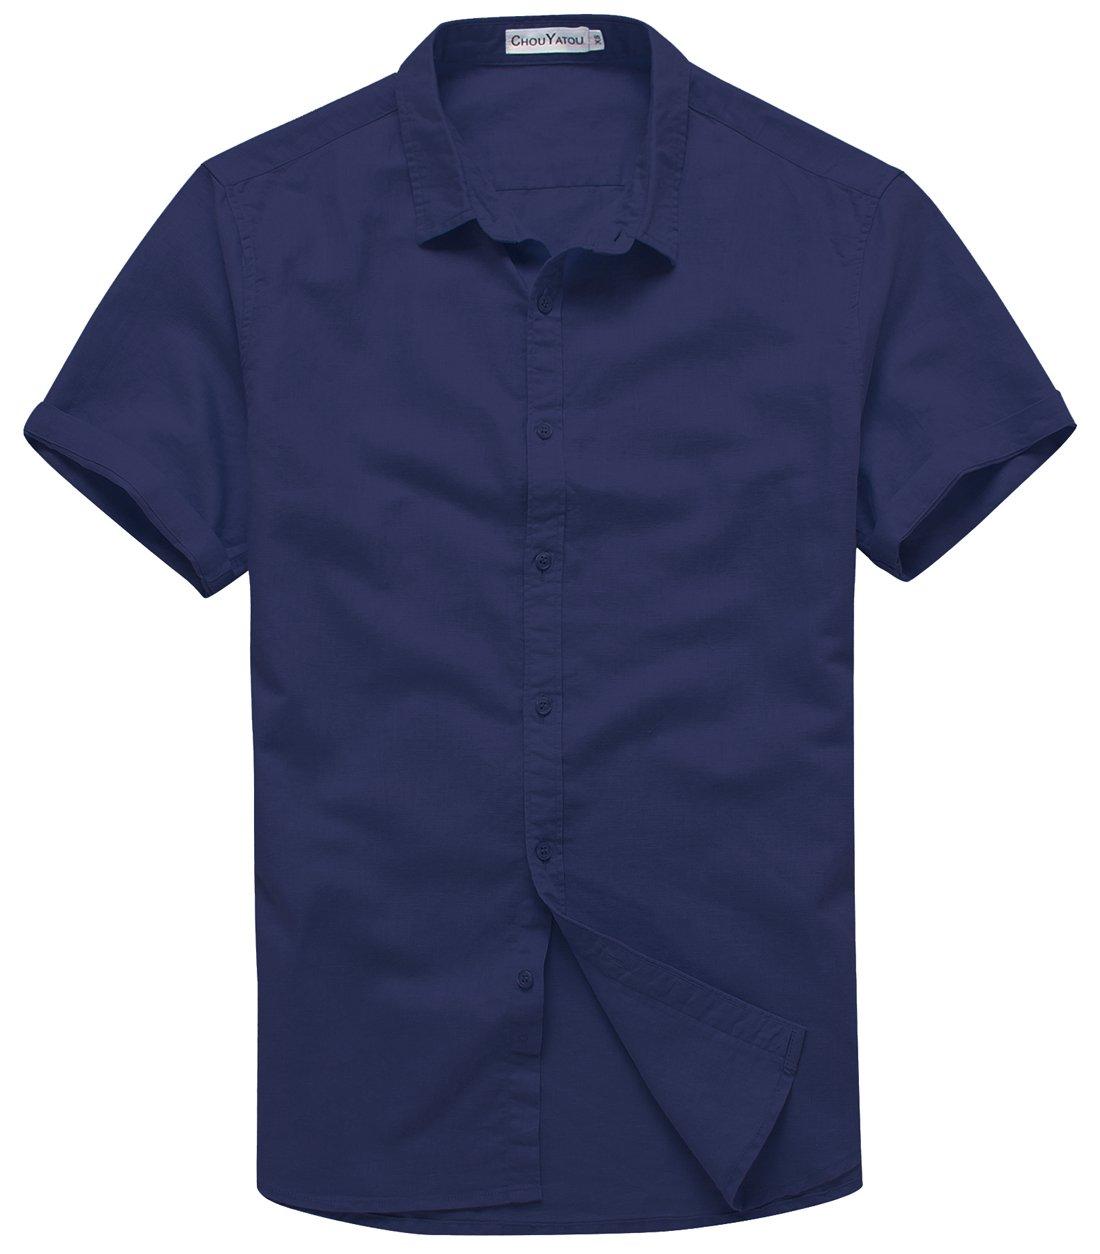 Chouyatou Men's Summer Basic Collar Short-Sleeved Linen Shirts (XX-Large, Dark Blue)